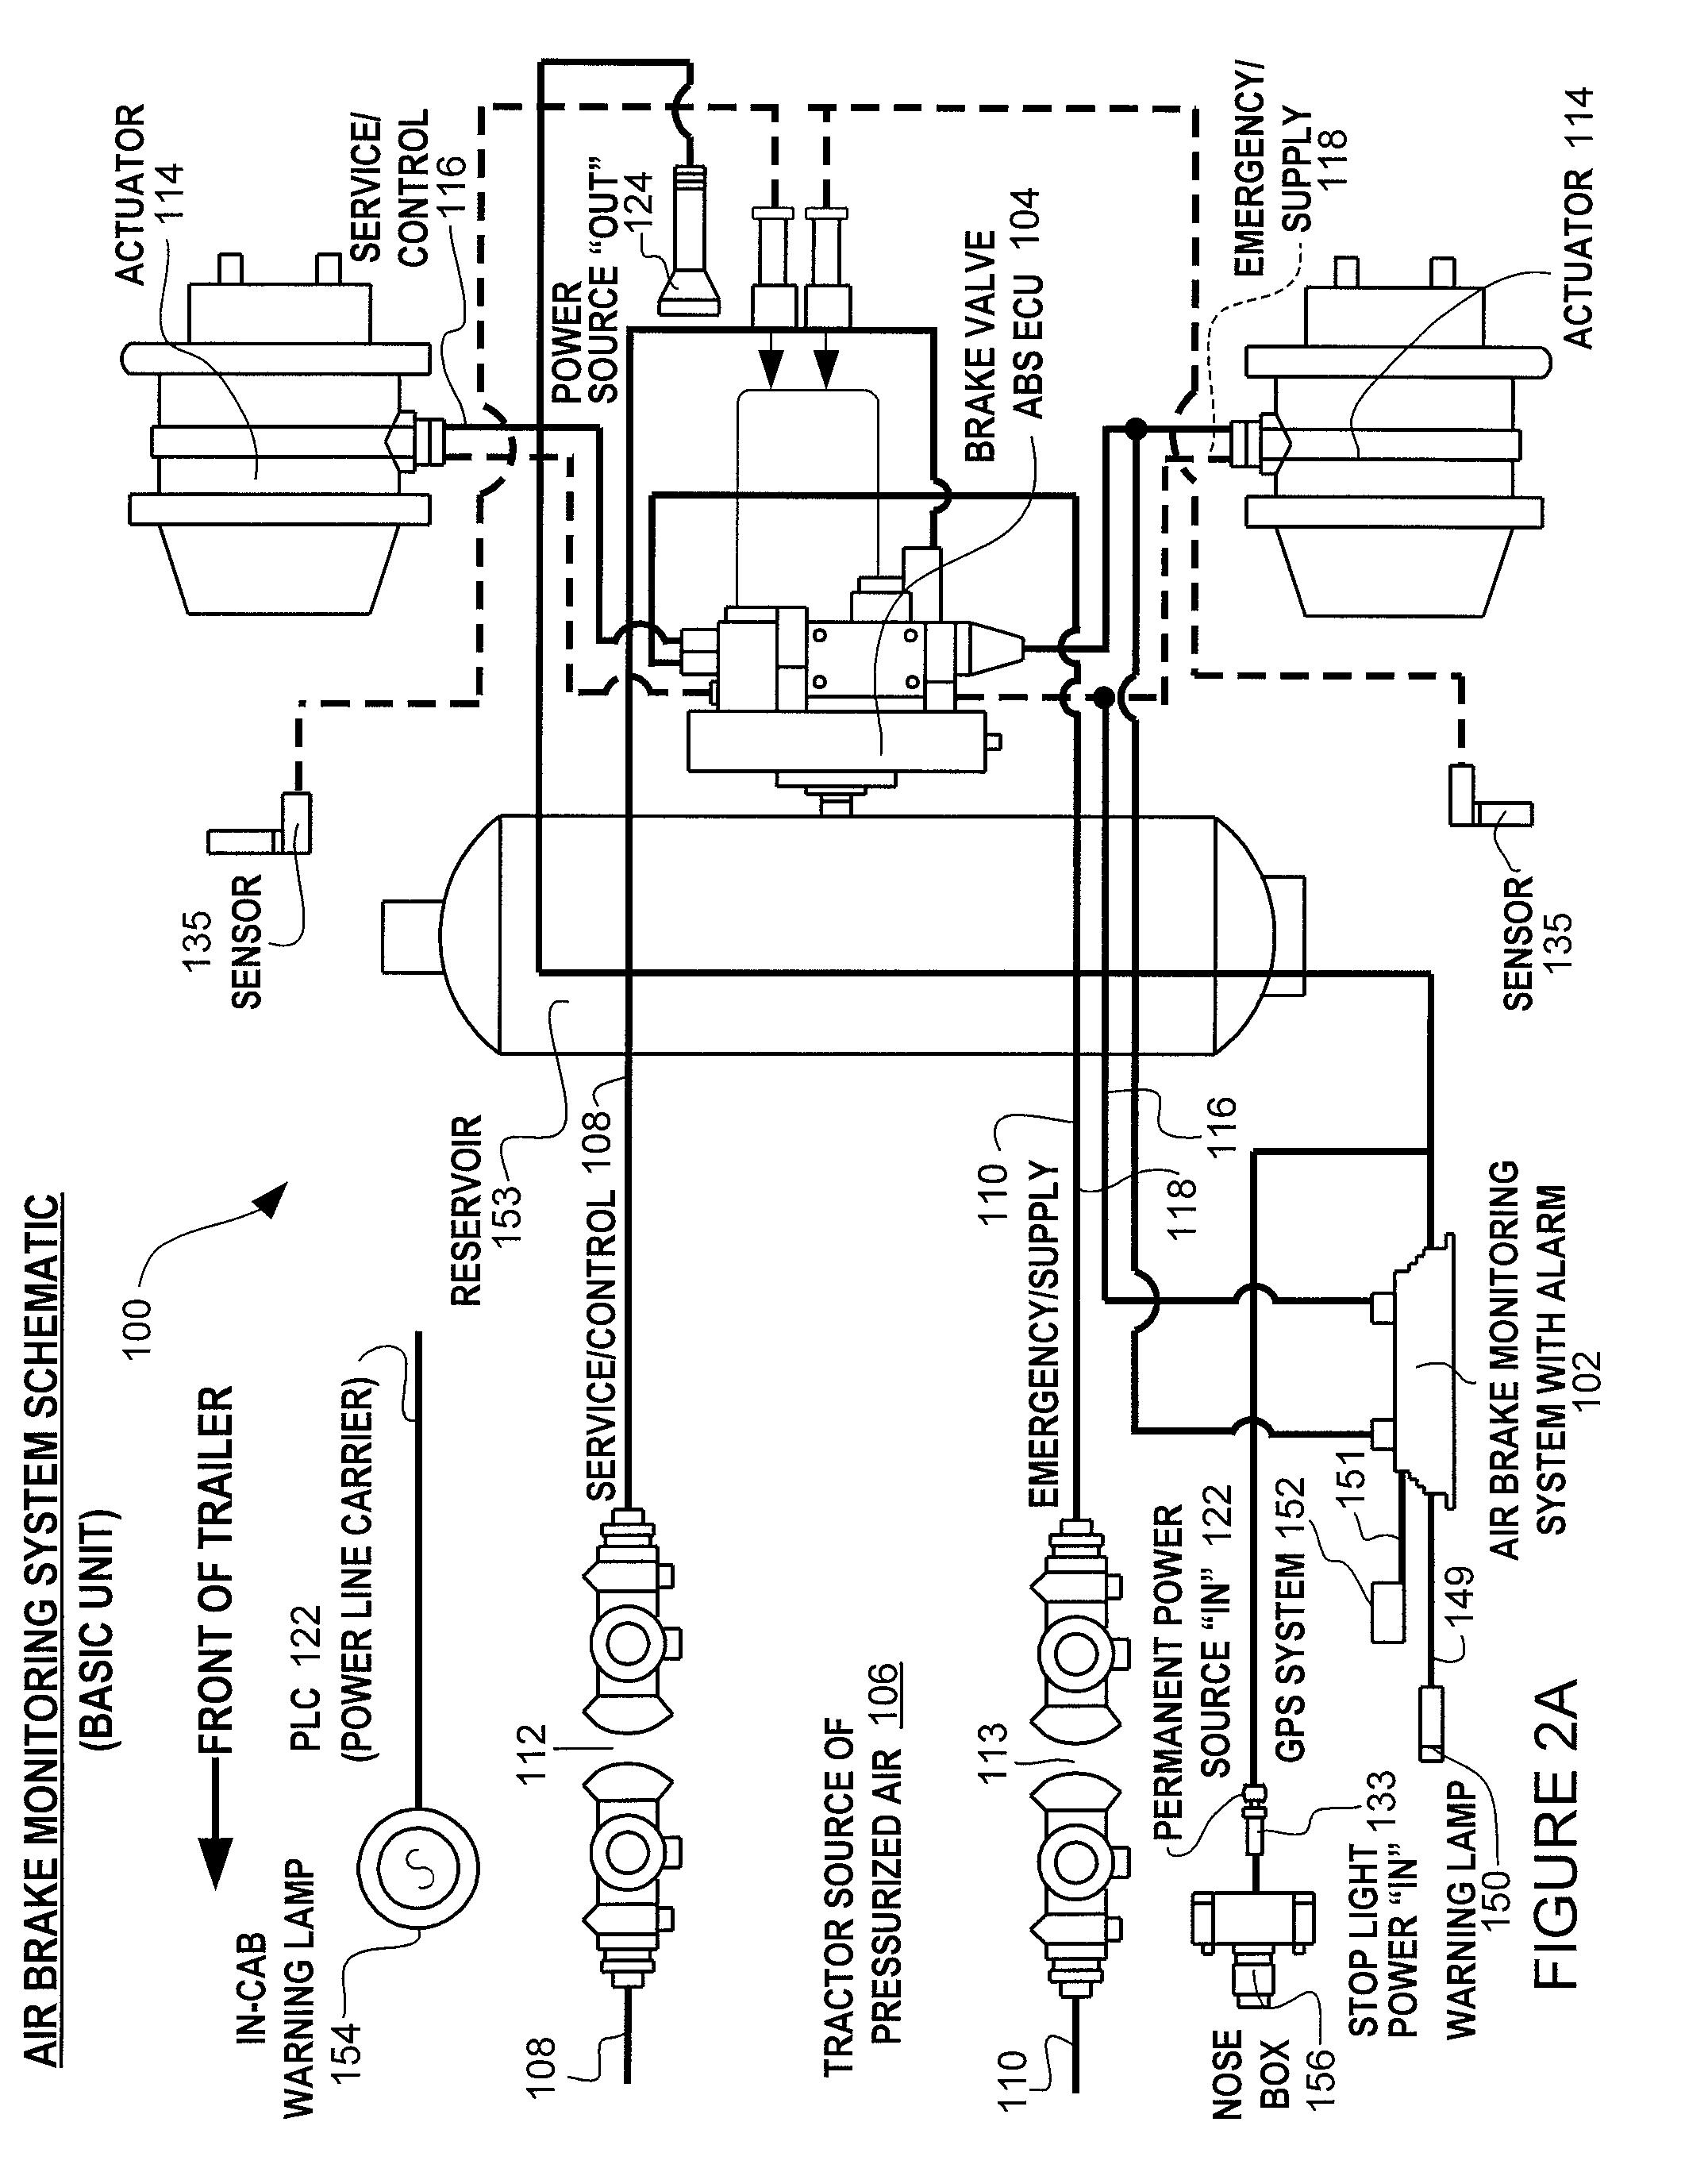 peterbilt 378 wiring schematic   30 wiring diagram images